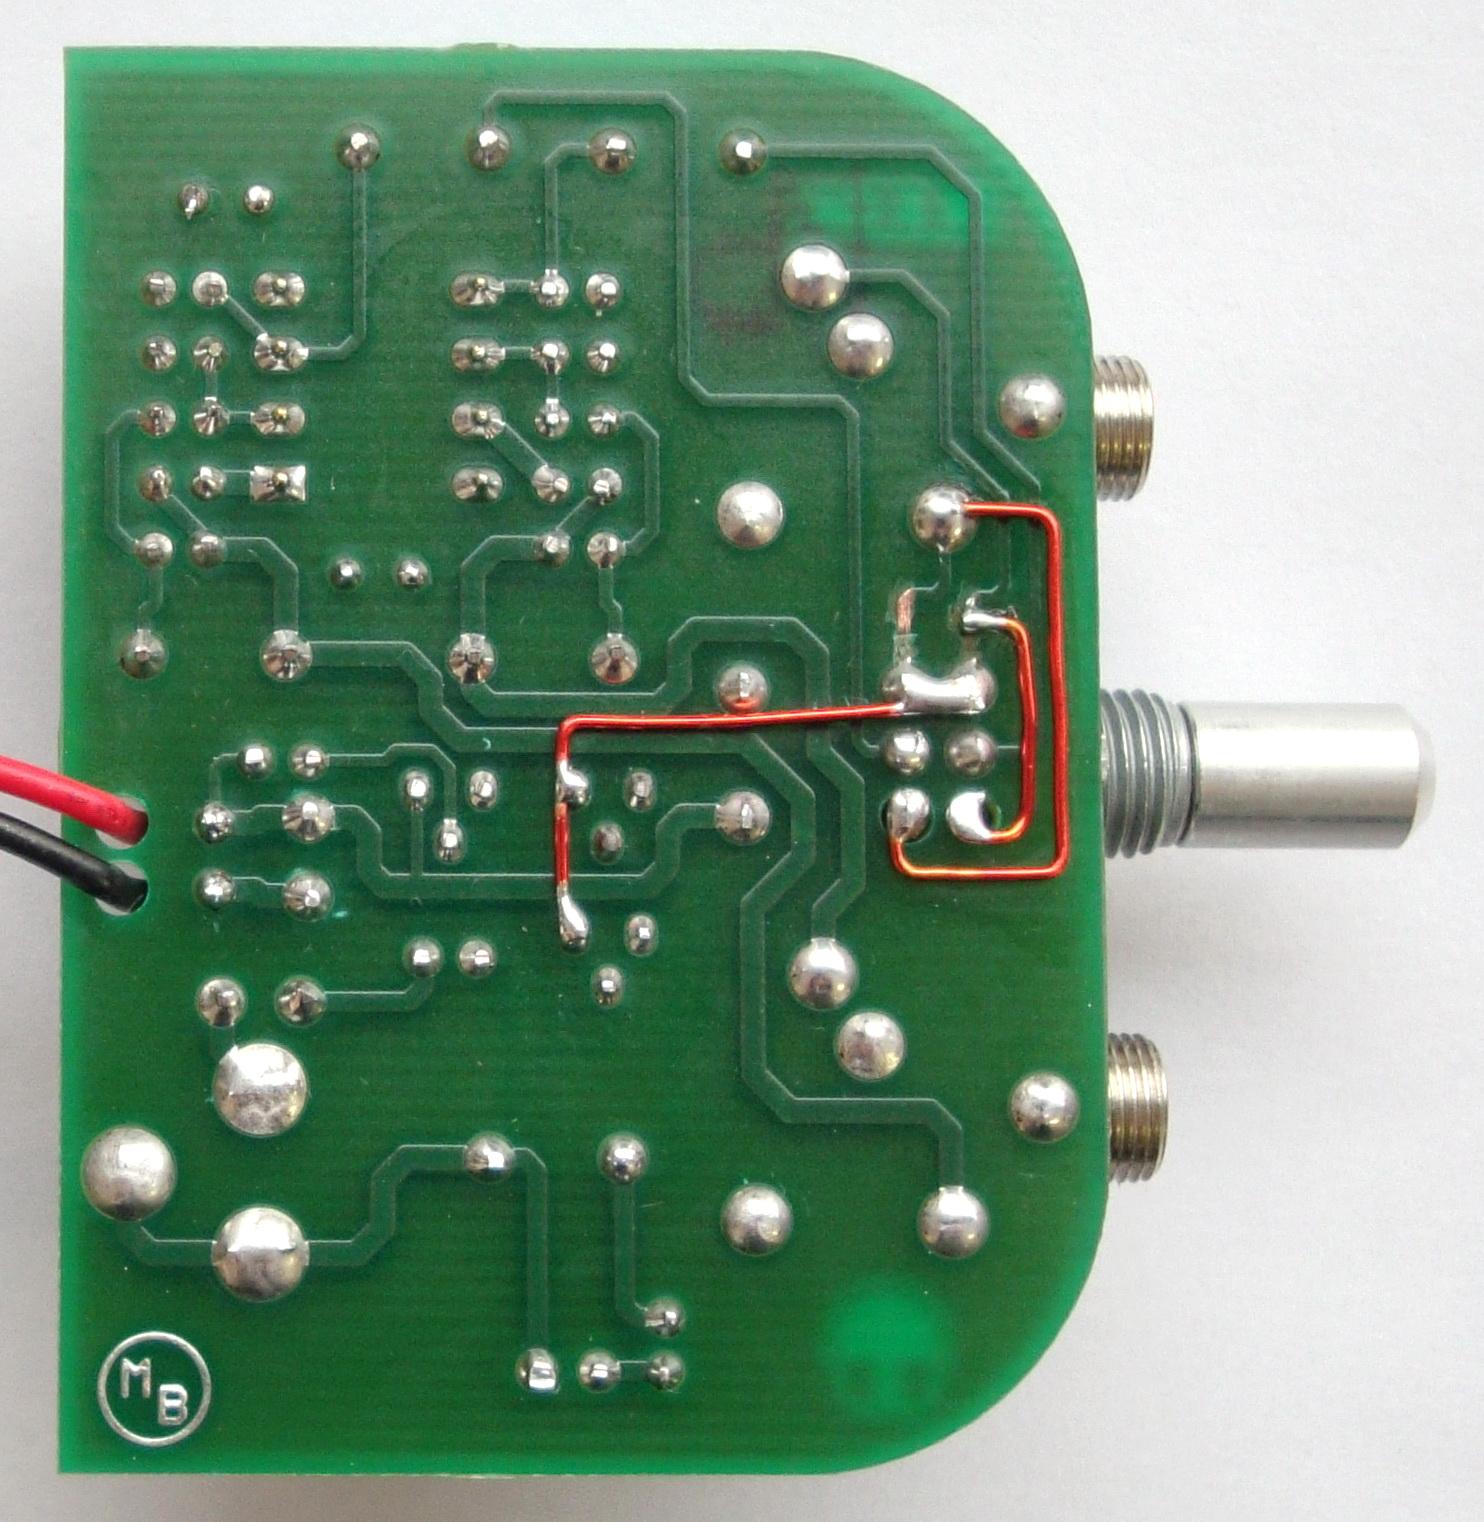 Hifi Headphone Amplifier Lifier Circuit Schematic